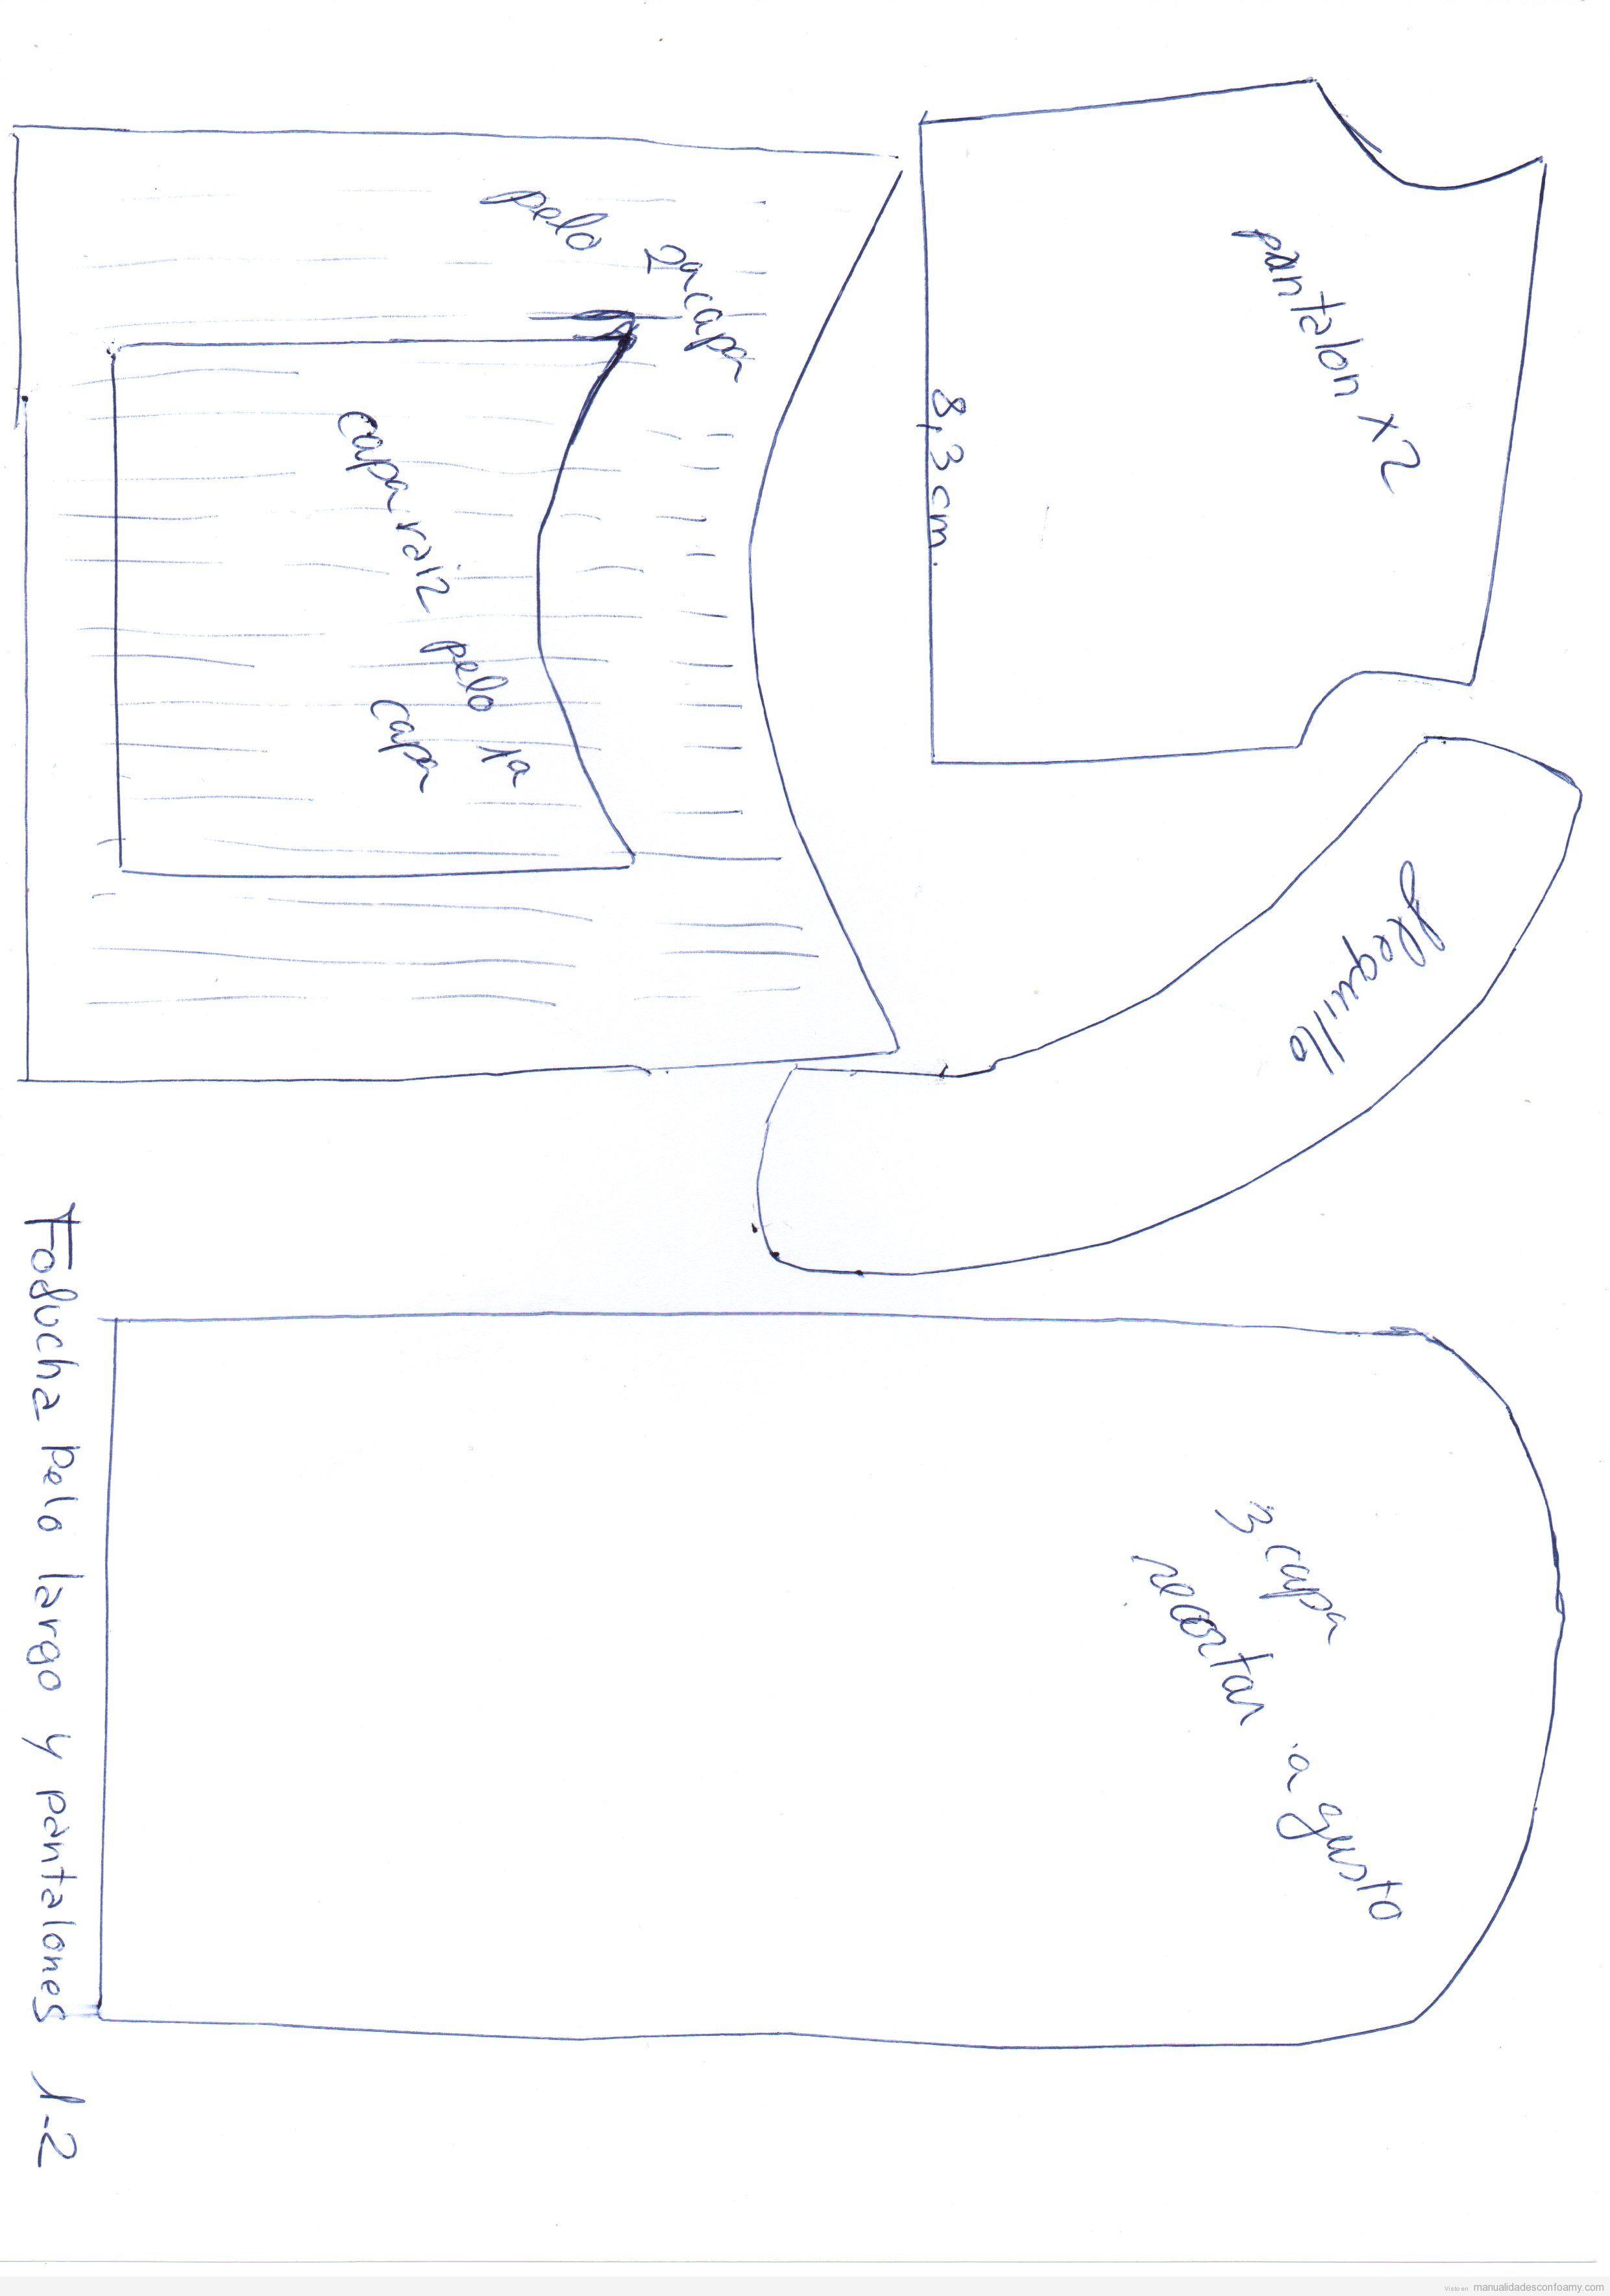 Muñeca goma eva archivos • Manualidades con Foamy